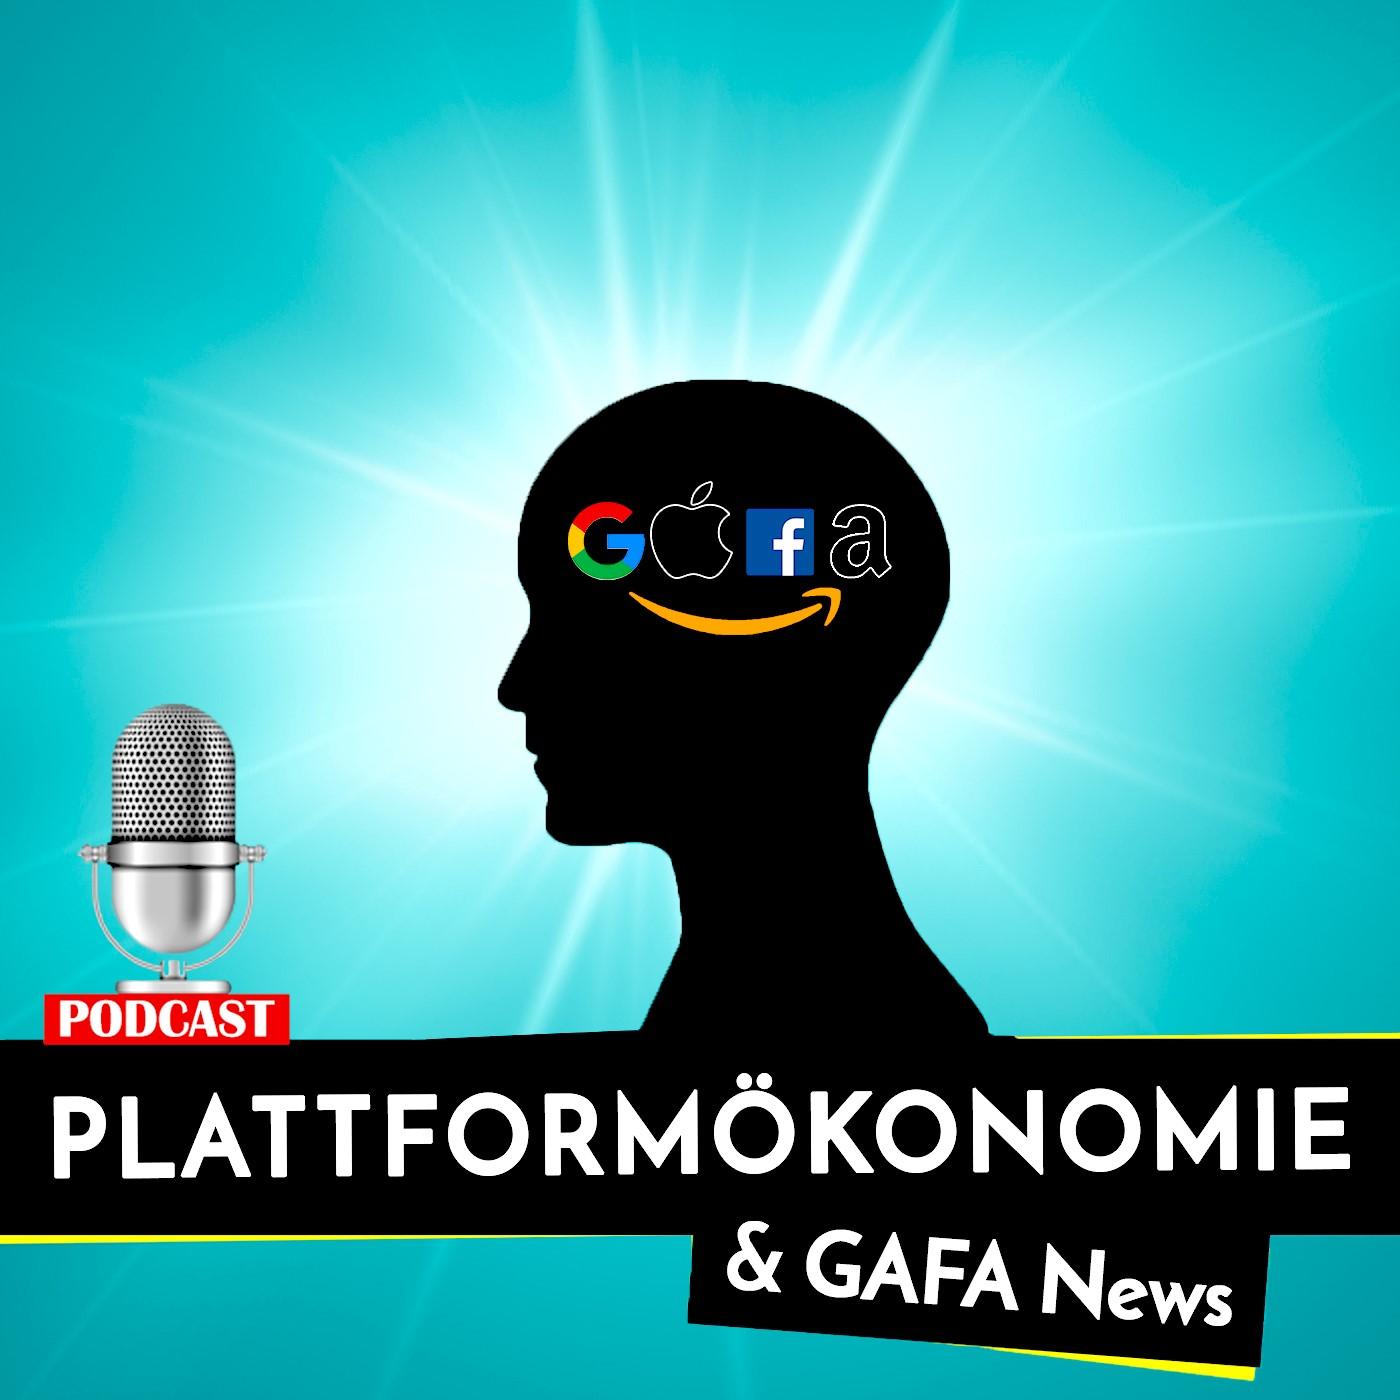 Wirtschafts News   Business Nachrichten aus der Digitalwelt   Zoom, Google, Blackrock, Eckdaten Otto Marktplatz uvm...